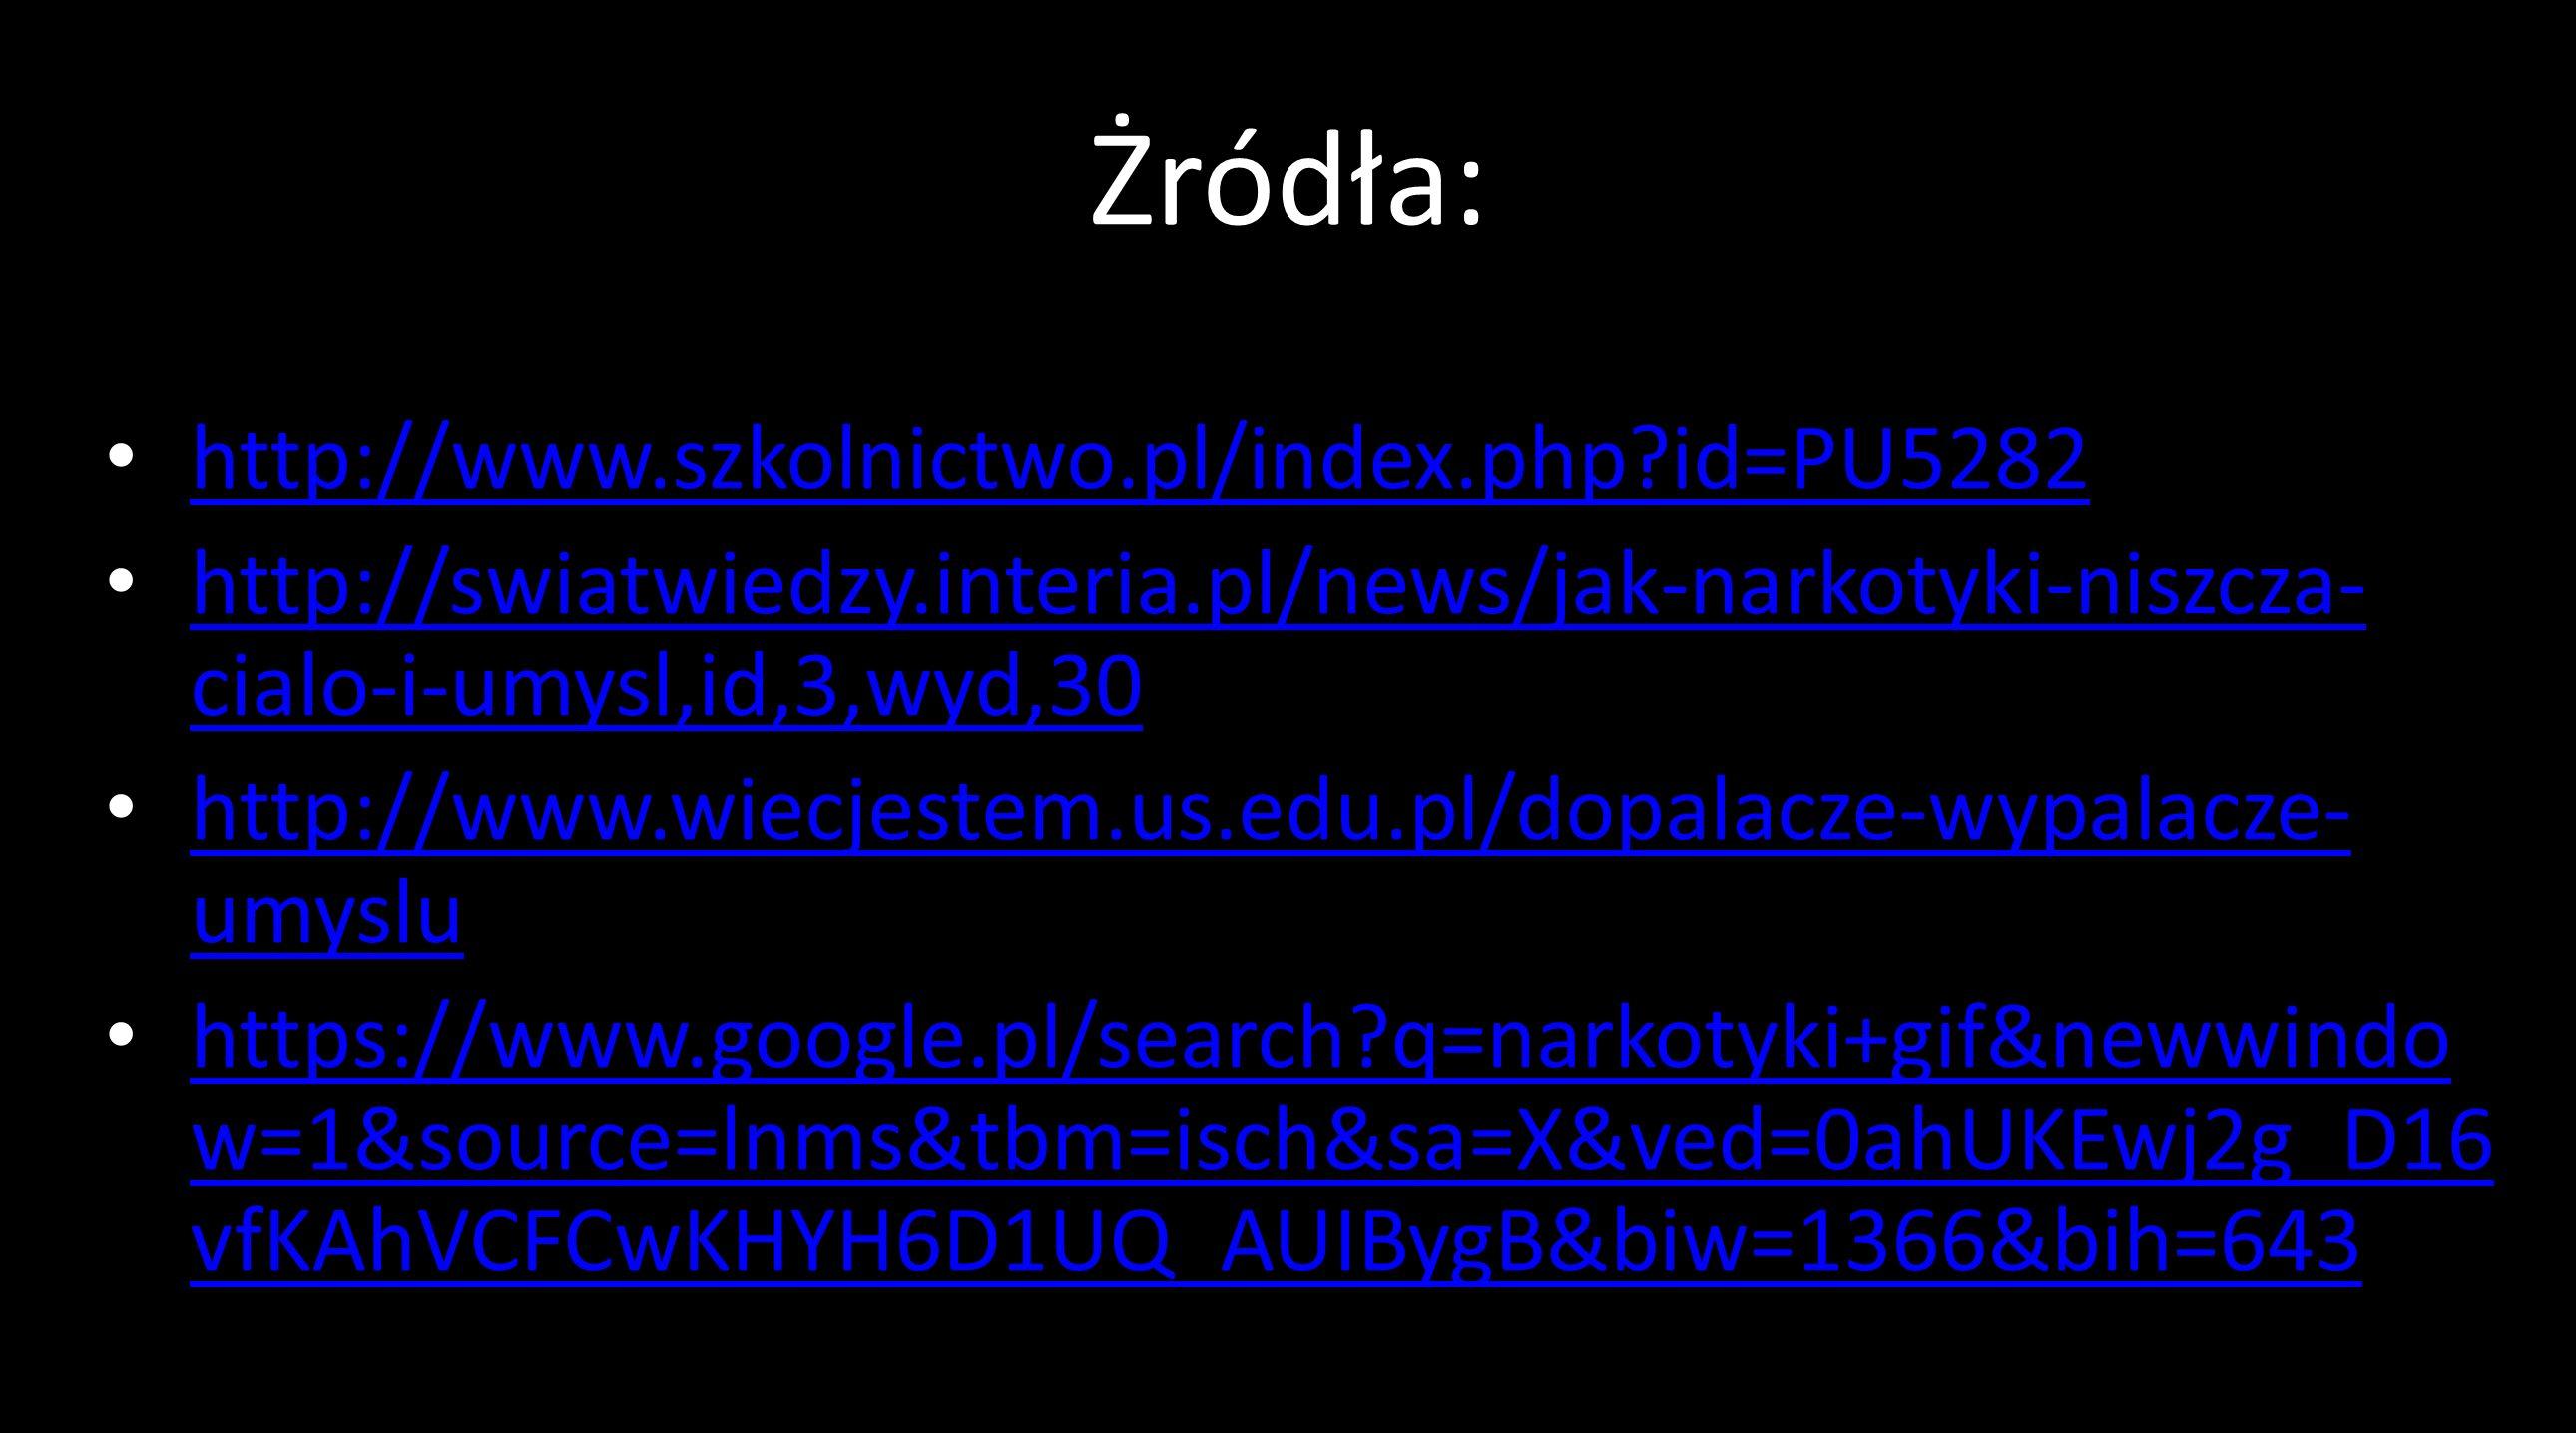 Żródła: http://www.szkolnictwo.pl/index.php id=PU5282 http://swiatwiedzy.interia.pl/news/jak-narkotyki-niszcza- cialo-i-umysl,id,3,wyd,30 http://swiatwiedzy.interia.pl/news/jak-narkotyki-niszcza- cialo-i-umysl,id,3,wyd,30 http://www.wiecjestem.us.edu.pl/dopalacze-wypalacze- umyslu http://www.wiecjestem.us.edu.pl/dopalacze-wypalacze- umyslu https://www.google.pl/search q=narkotyki+gif&newwindo w=1&source=lnms&tbm=isch&sa=X&ved=0ahUKEwj2g_D16 vfKAhVCFCwKHYH6D1UQ_AUIBygB&biw=1366&bih=643 https://www.google.pl/search q=narkotyki+gif&newwindo w=1&source=lnms&tbm=isch&sa=X&ved=0ahUKEwj2g_D16 vfKAhVCFCwKHYH6D1UQ_AUIBygB&biw=1366&bih=643